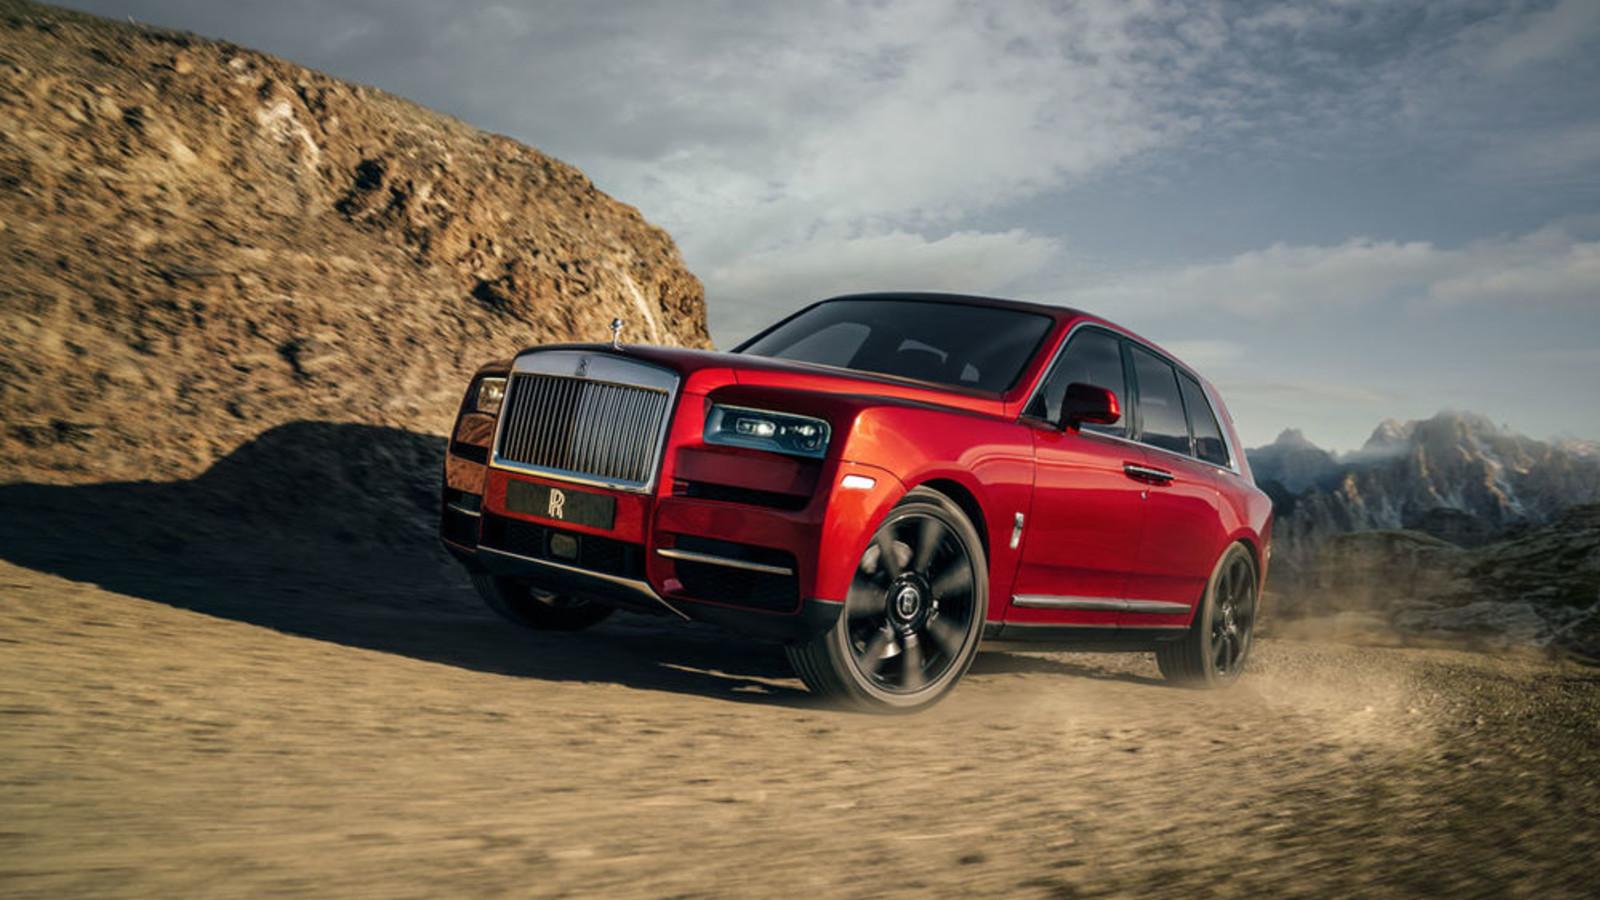 Fit fürs Gelände, alle Bilder, Luxus-SUV Rolls-Royce Cullinan